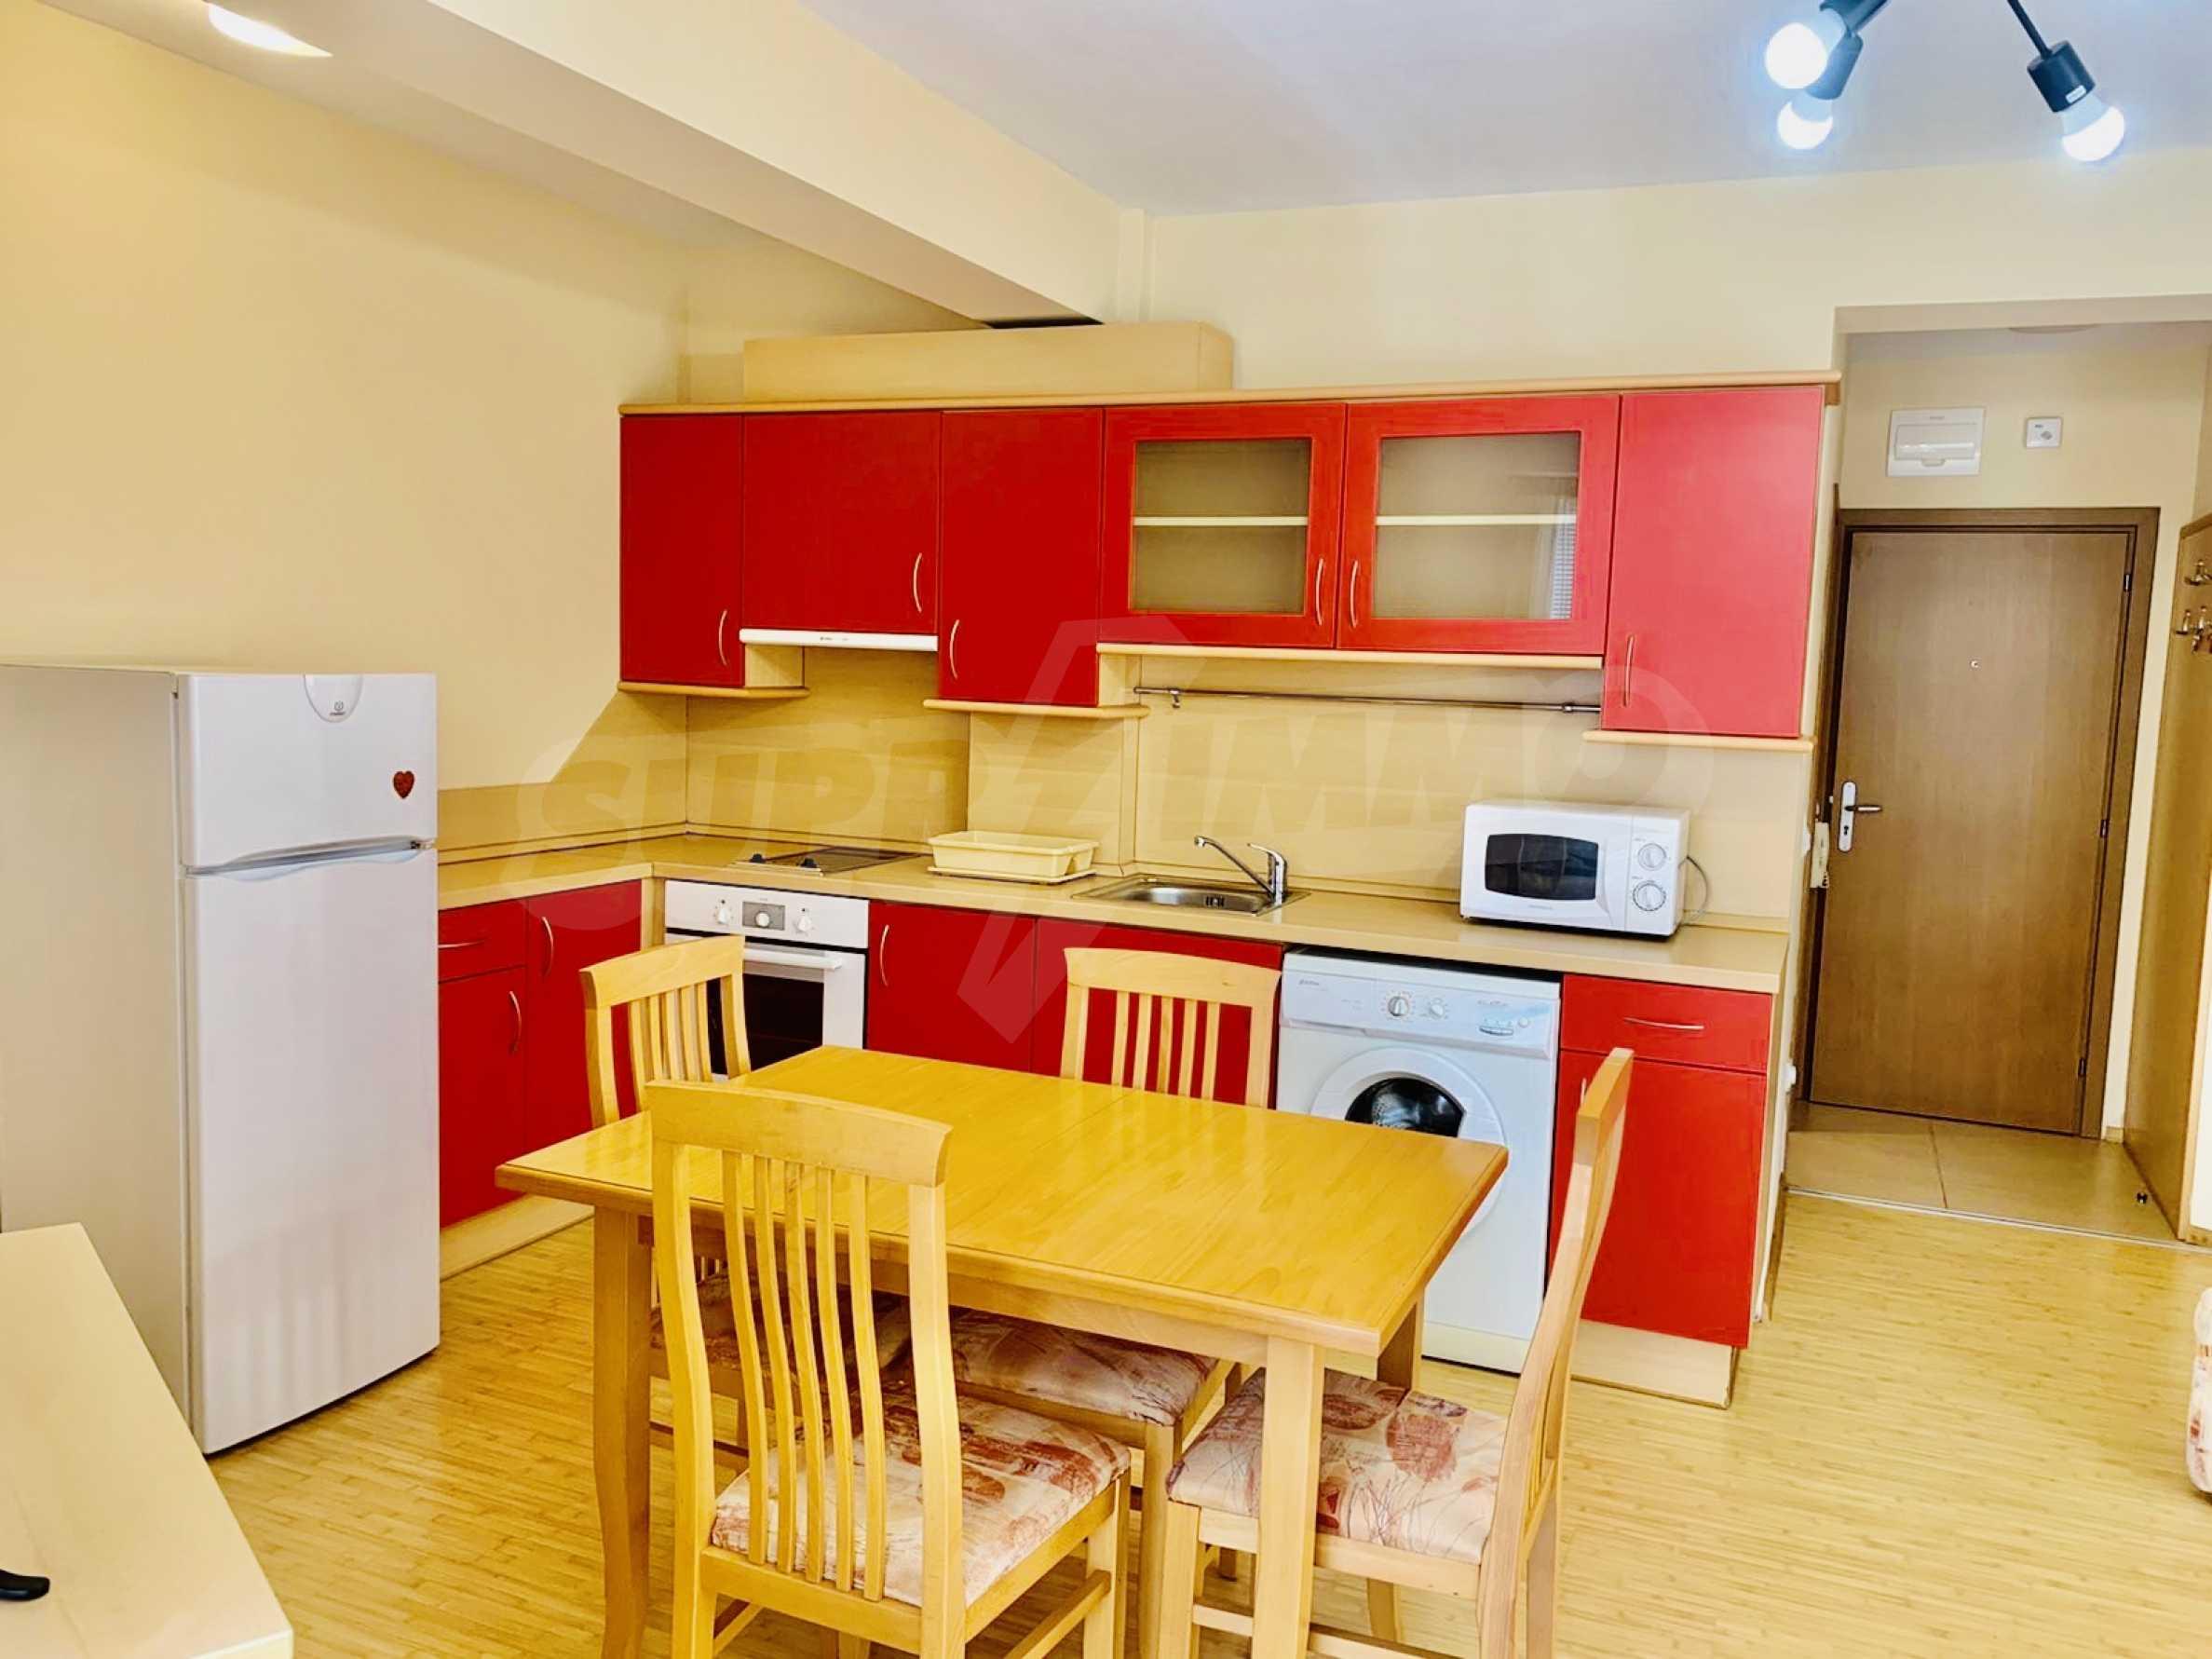 Apartment for rent in Veliko Tarnovo